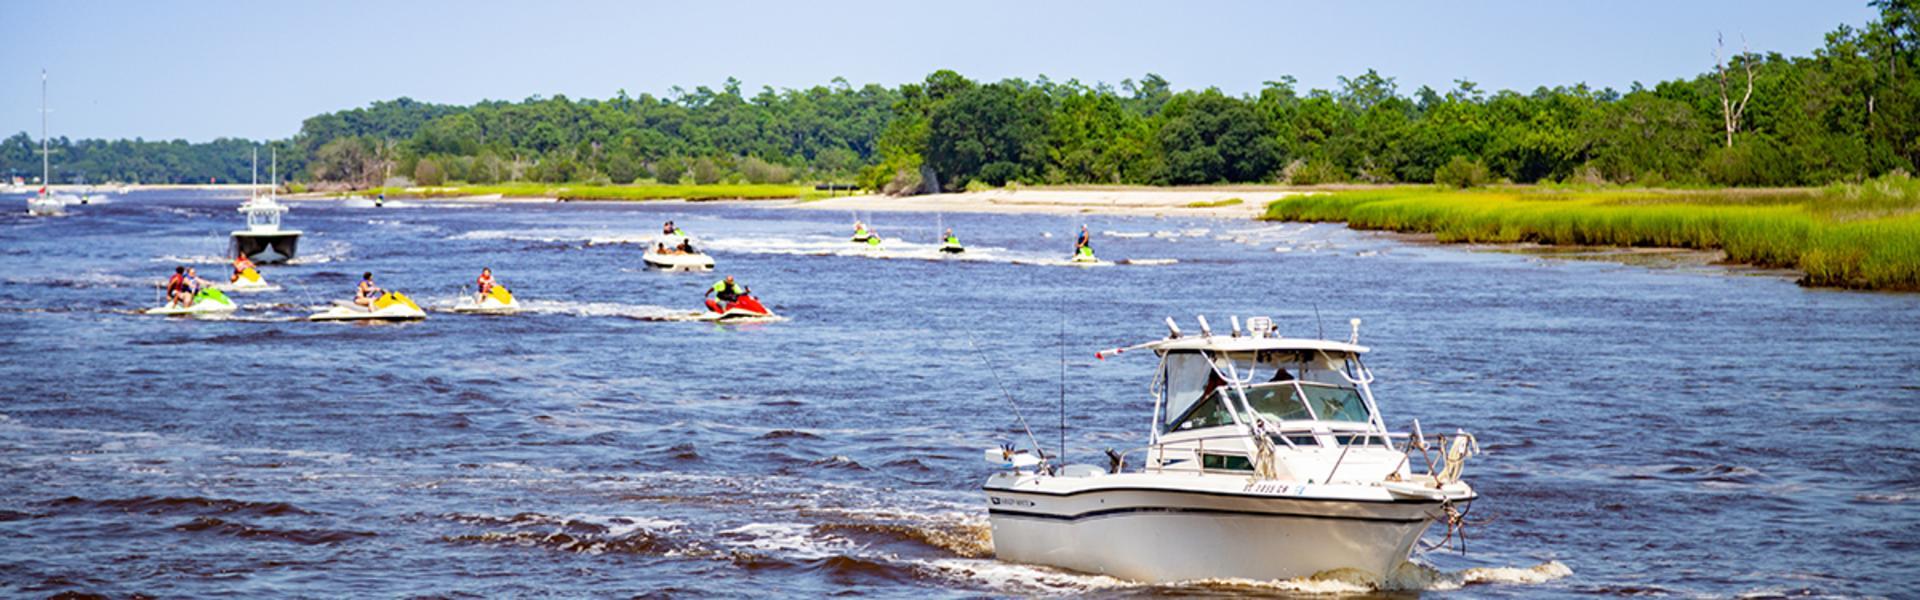 Explore Little River Visit Myrtle Beach Sc